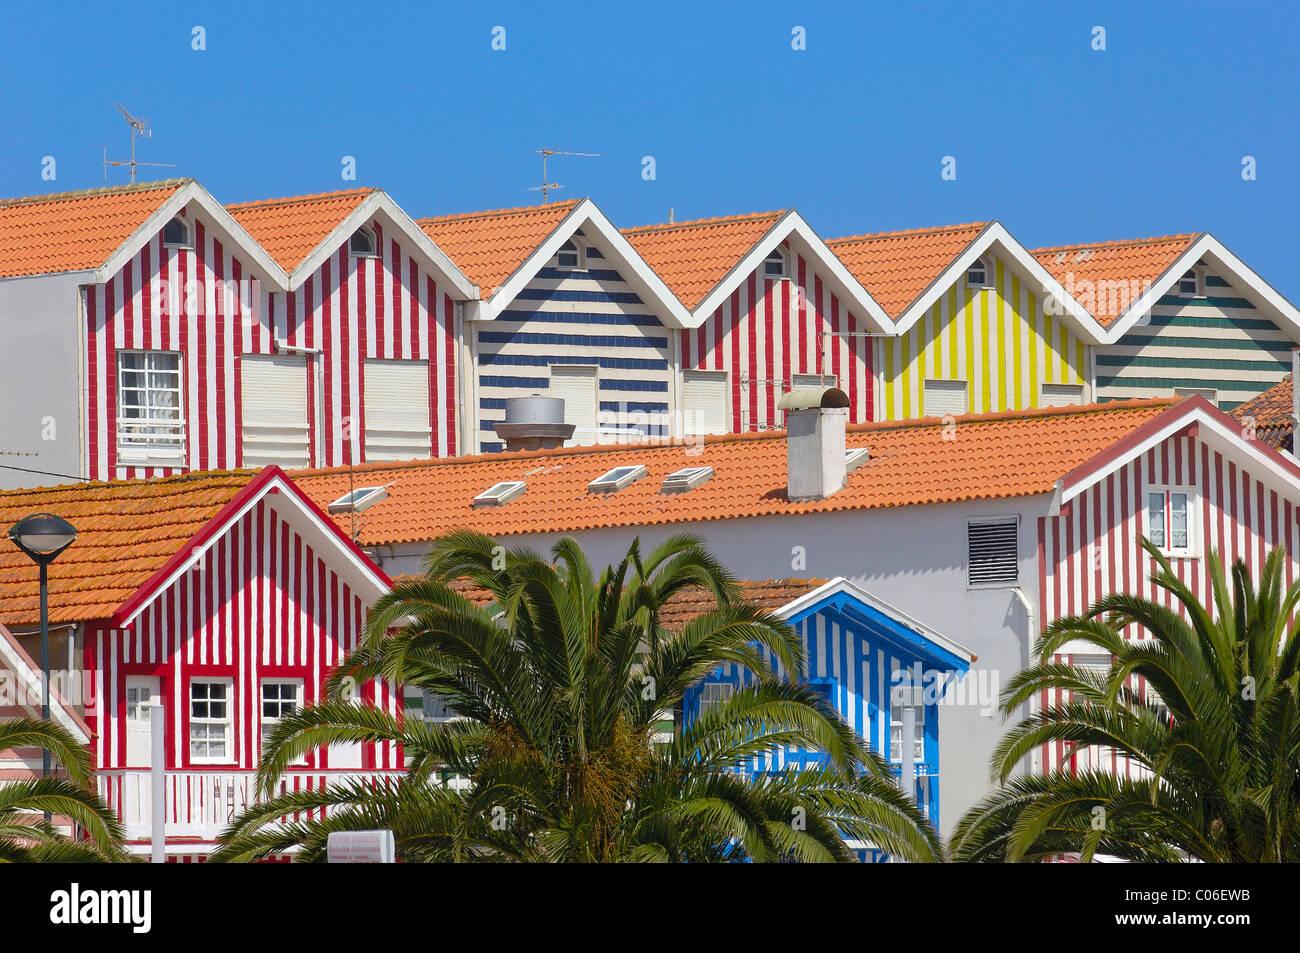 Colorful Houses( Palheiros), Costa Nova, Aveiro, Beiras region, Portugal Stock Photo